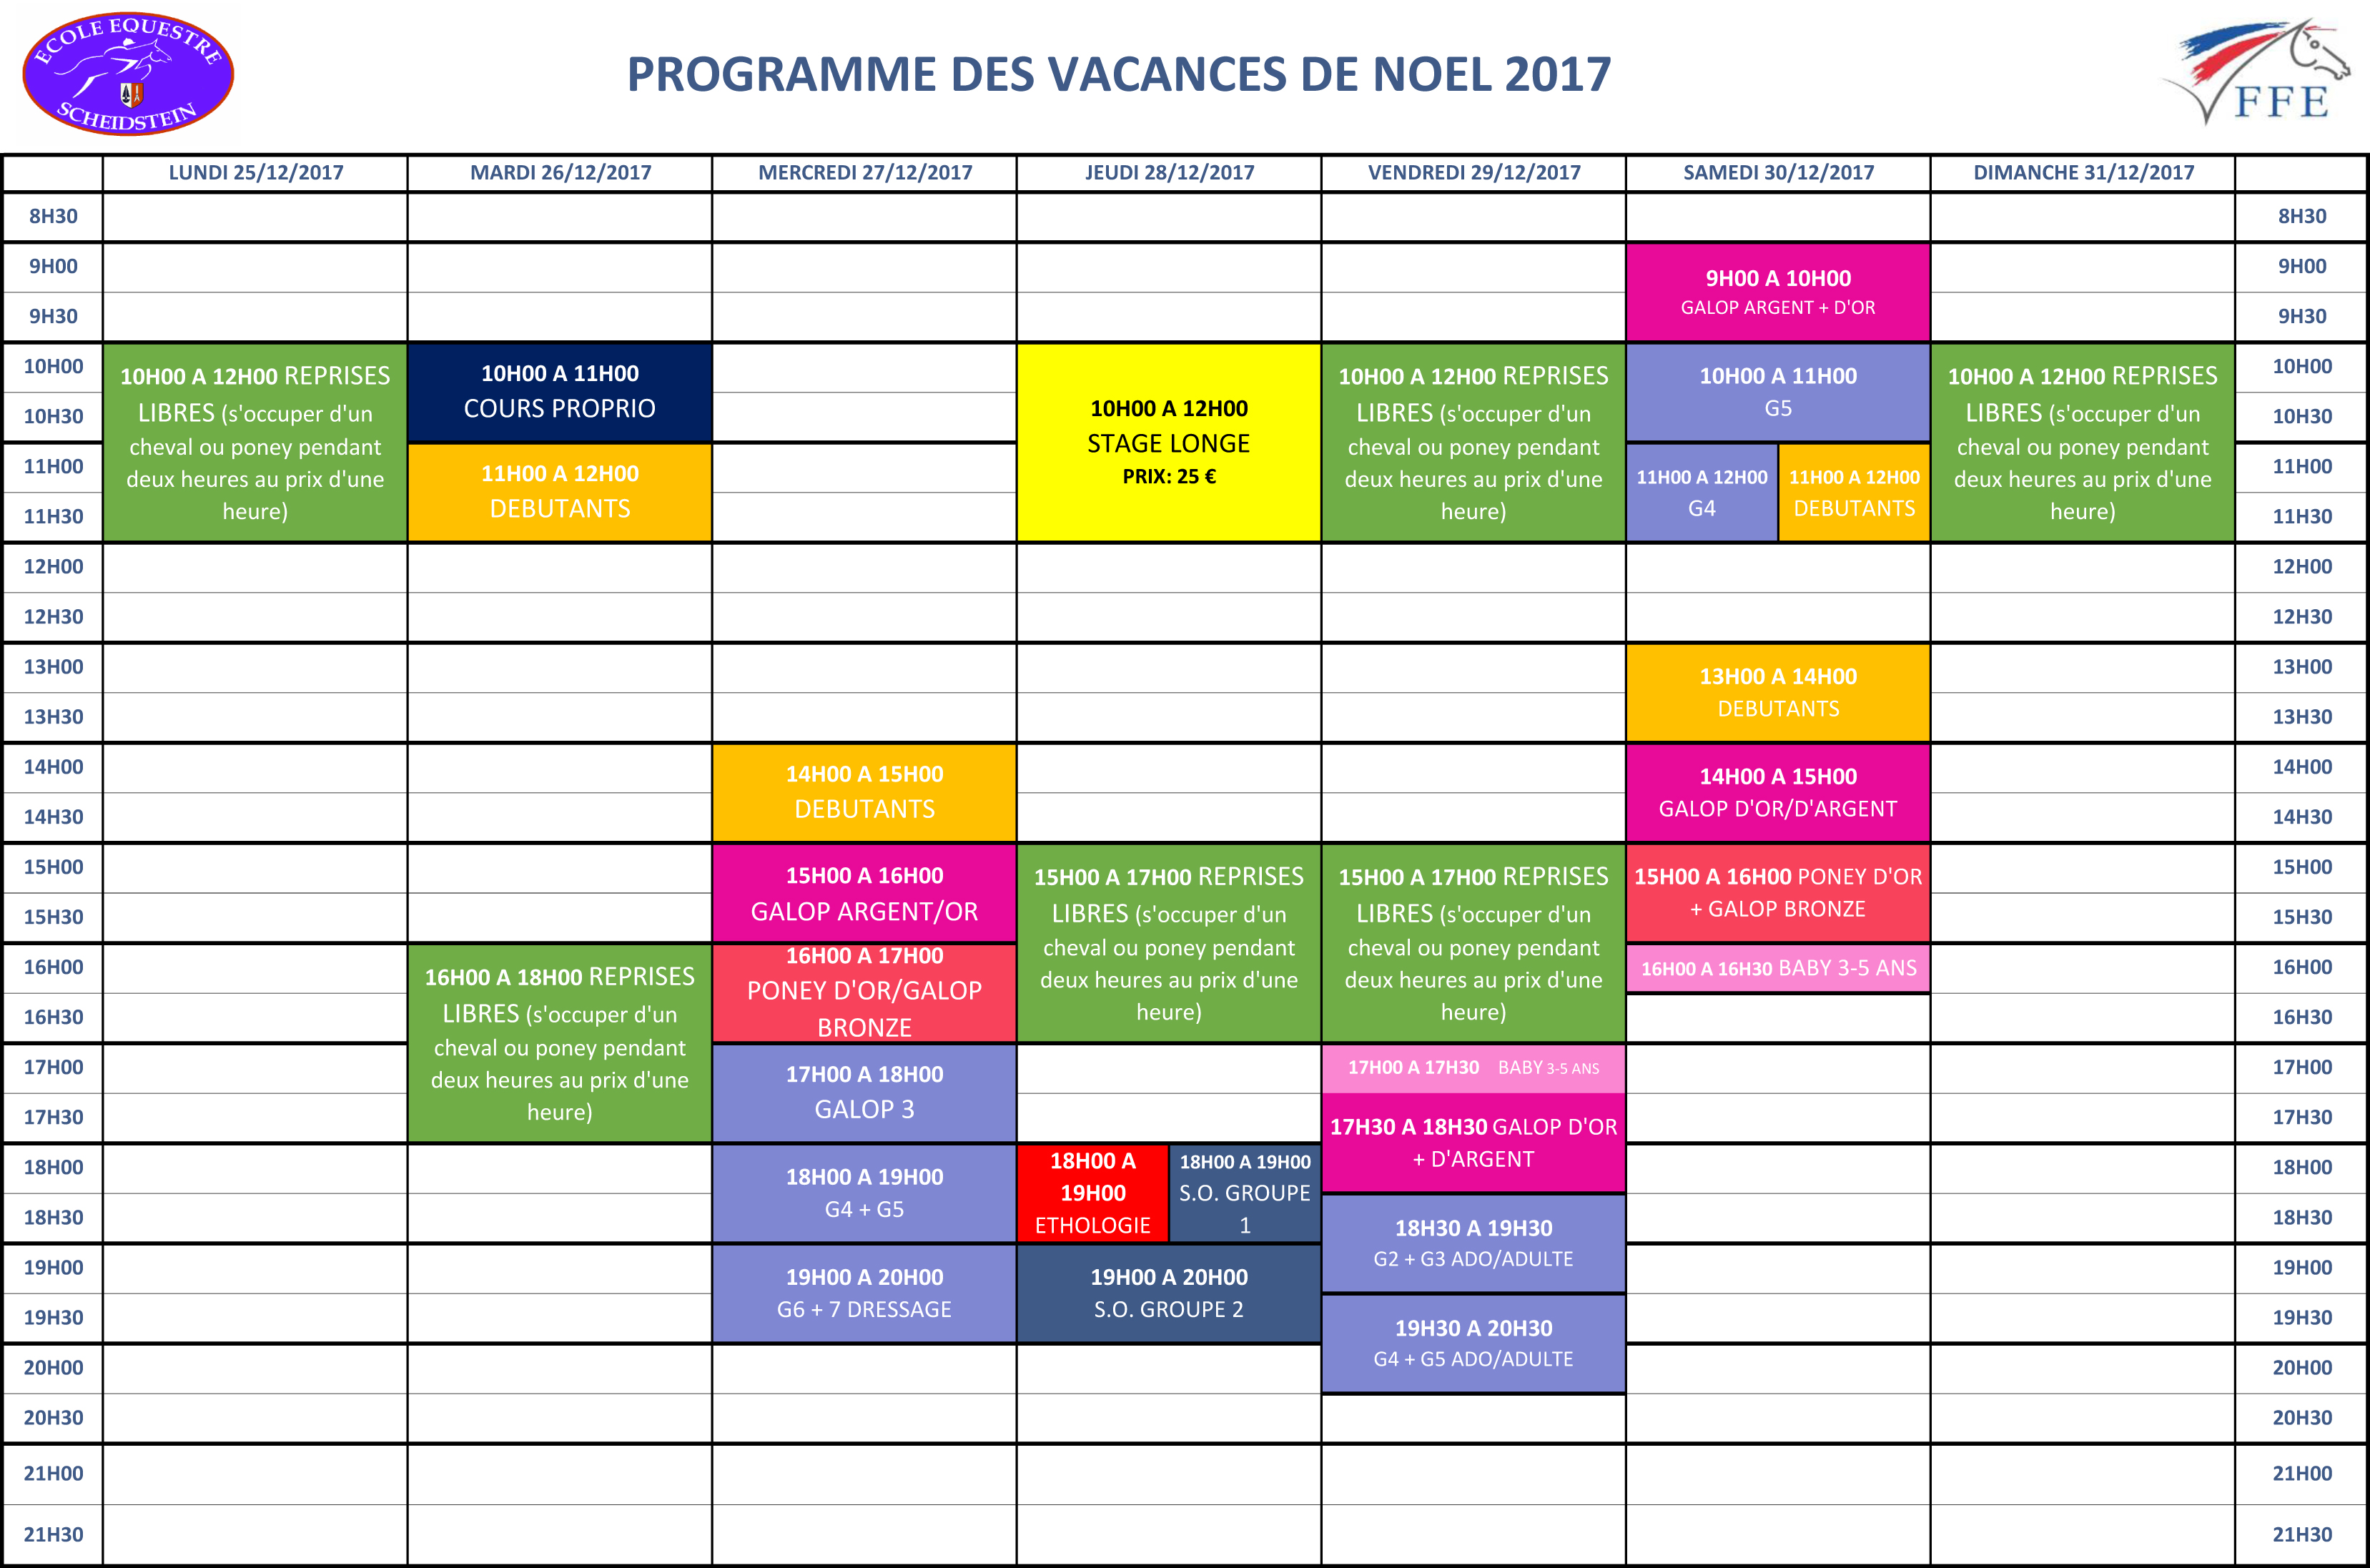 Programme des vacances de Noël 2017